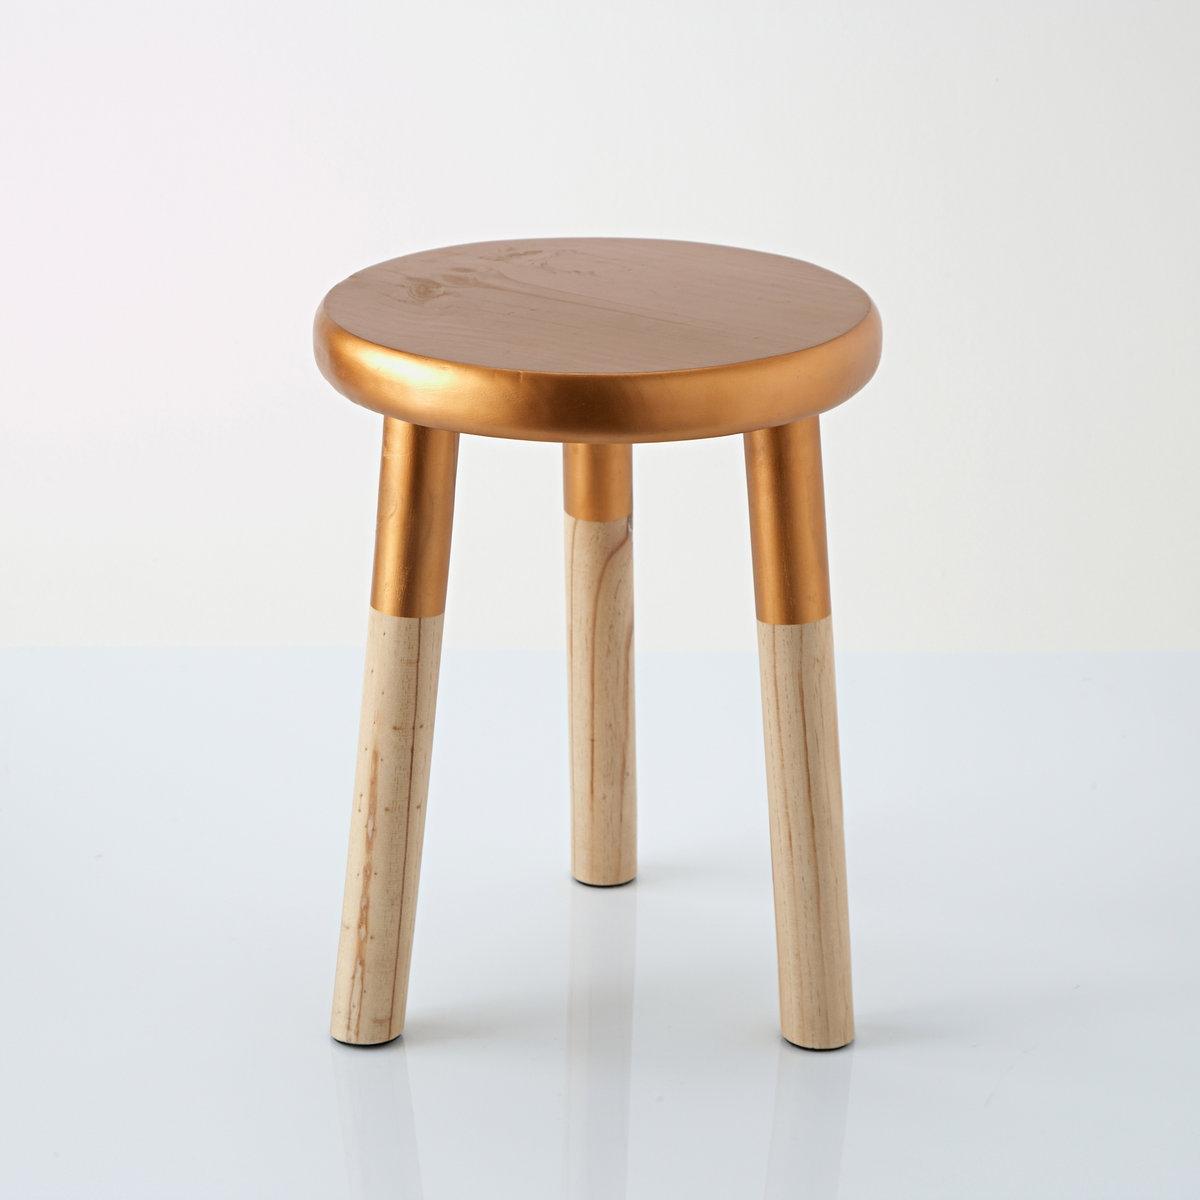 Табурет из дерева с покрытием медной краской, EloriТабурет из дерева с покрытием медной краской, Elori. Небольшие размеры, но очень яркий дизайн, в котором медь сочетается с древесиной. Этот стильный табурет с 3 ножками можно использовать в качестве приставного стула.Характеристики табурета Elori:Каркас из древесины (сосна).Круглое сиденье с покрытием эпоксидной краской медного цвета.Размеры табурета Elori:ОбщиеДиаметр: 30 см.Высота: 38 см.<br><br>Цвет: медный<br>Размер: единый размер